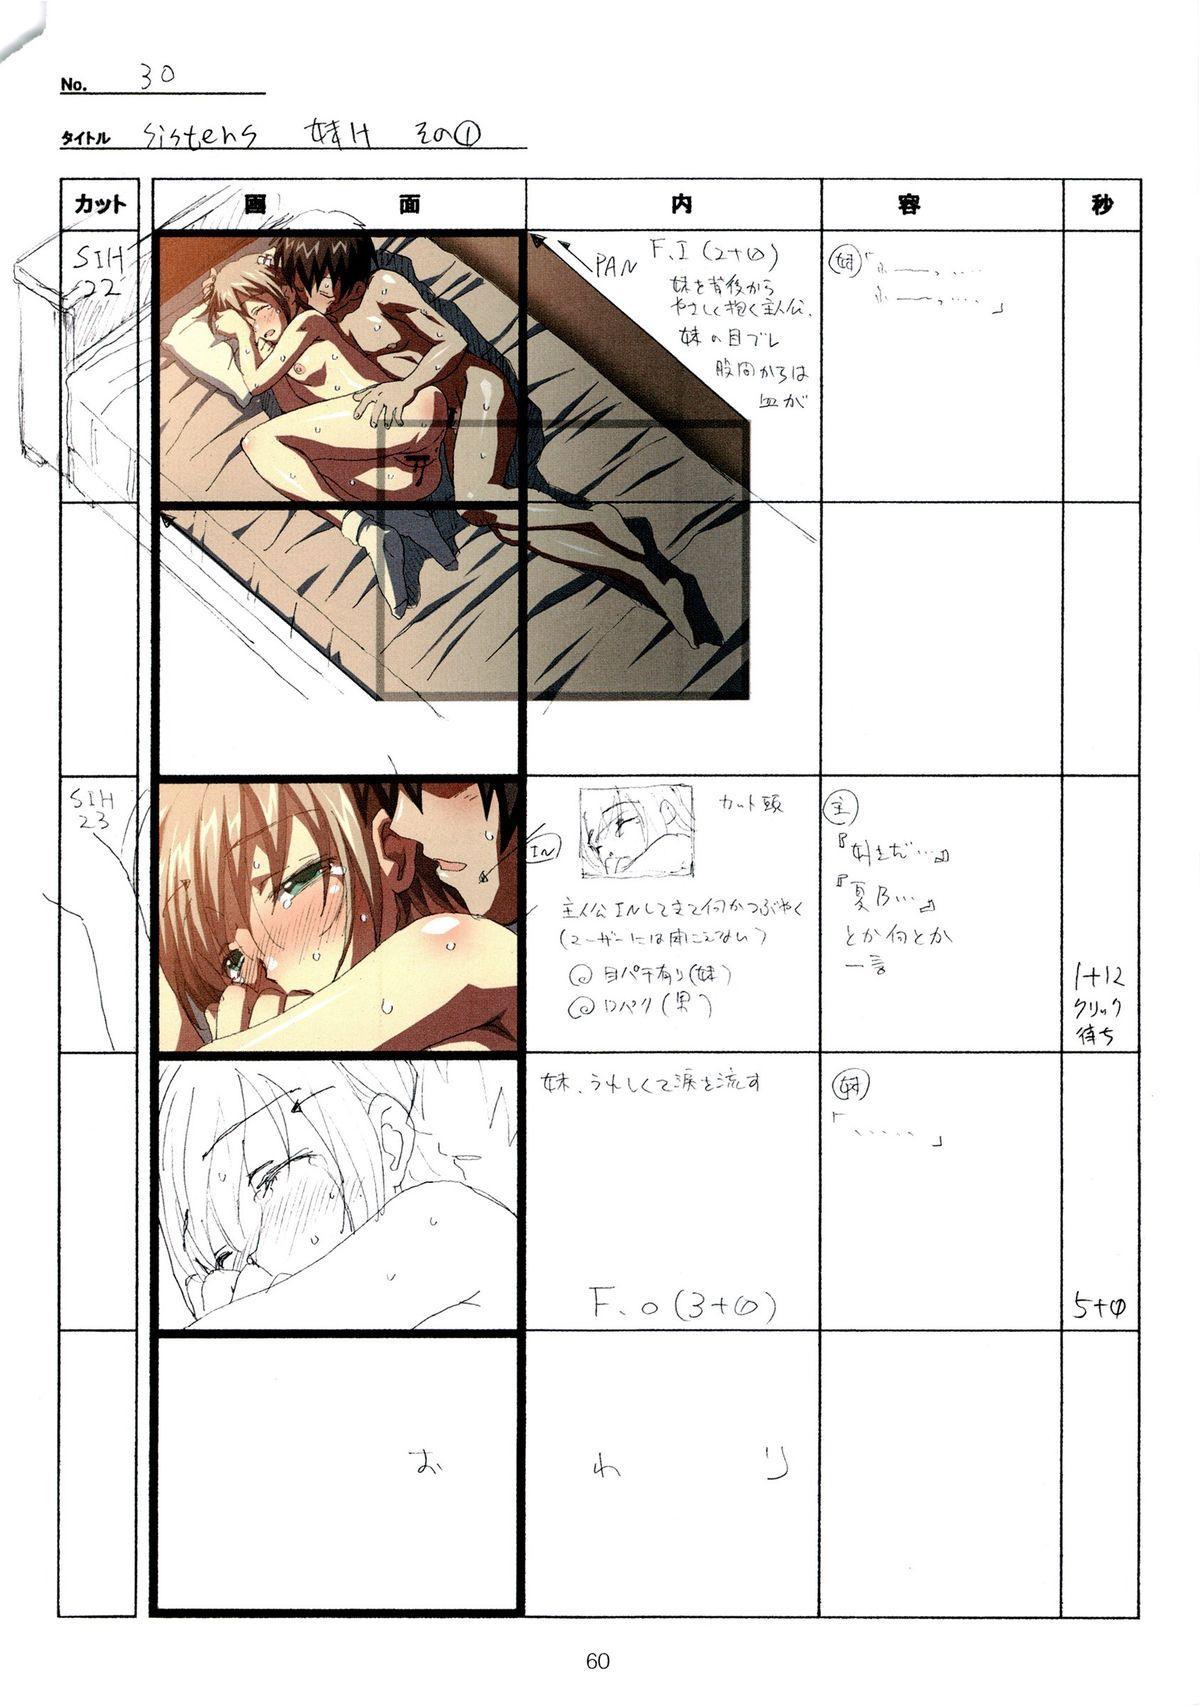 (C89) [Makino Jimusho (Taki Minashika)] SISTERS -Natsu no Saigo no Hi- H Scene All Part Storyboard (SISTERS -Natsu no Saigo no Hi-) 59